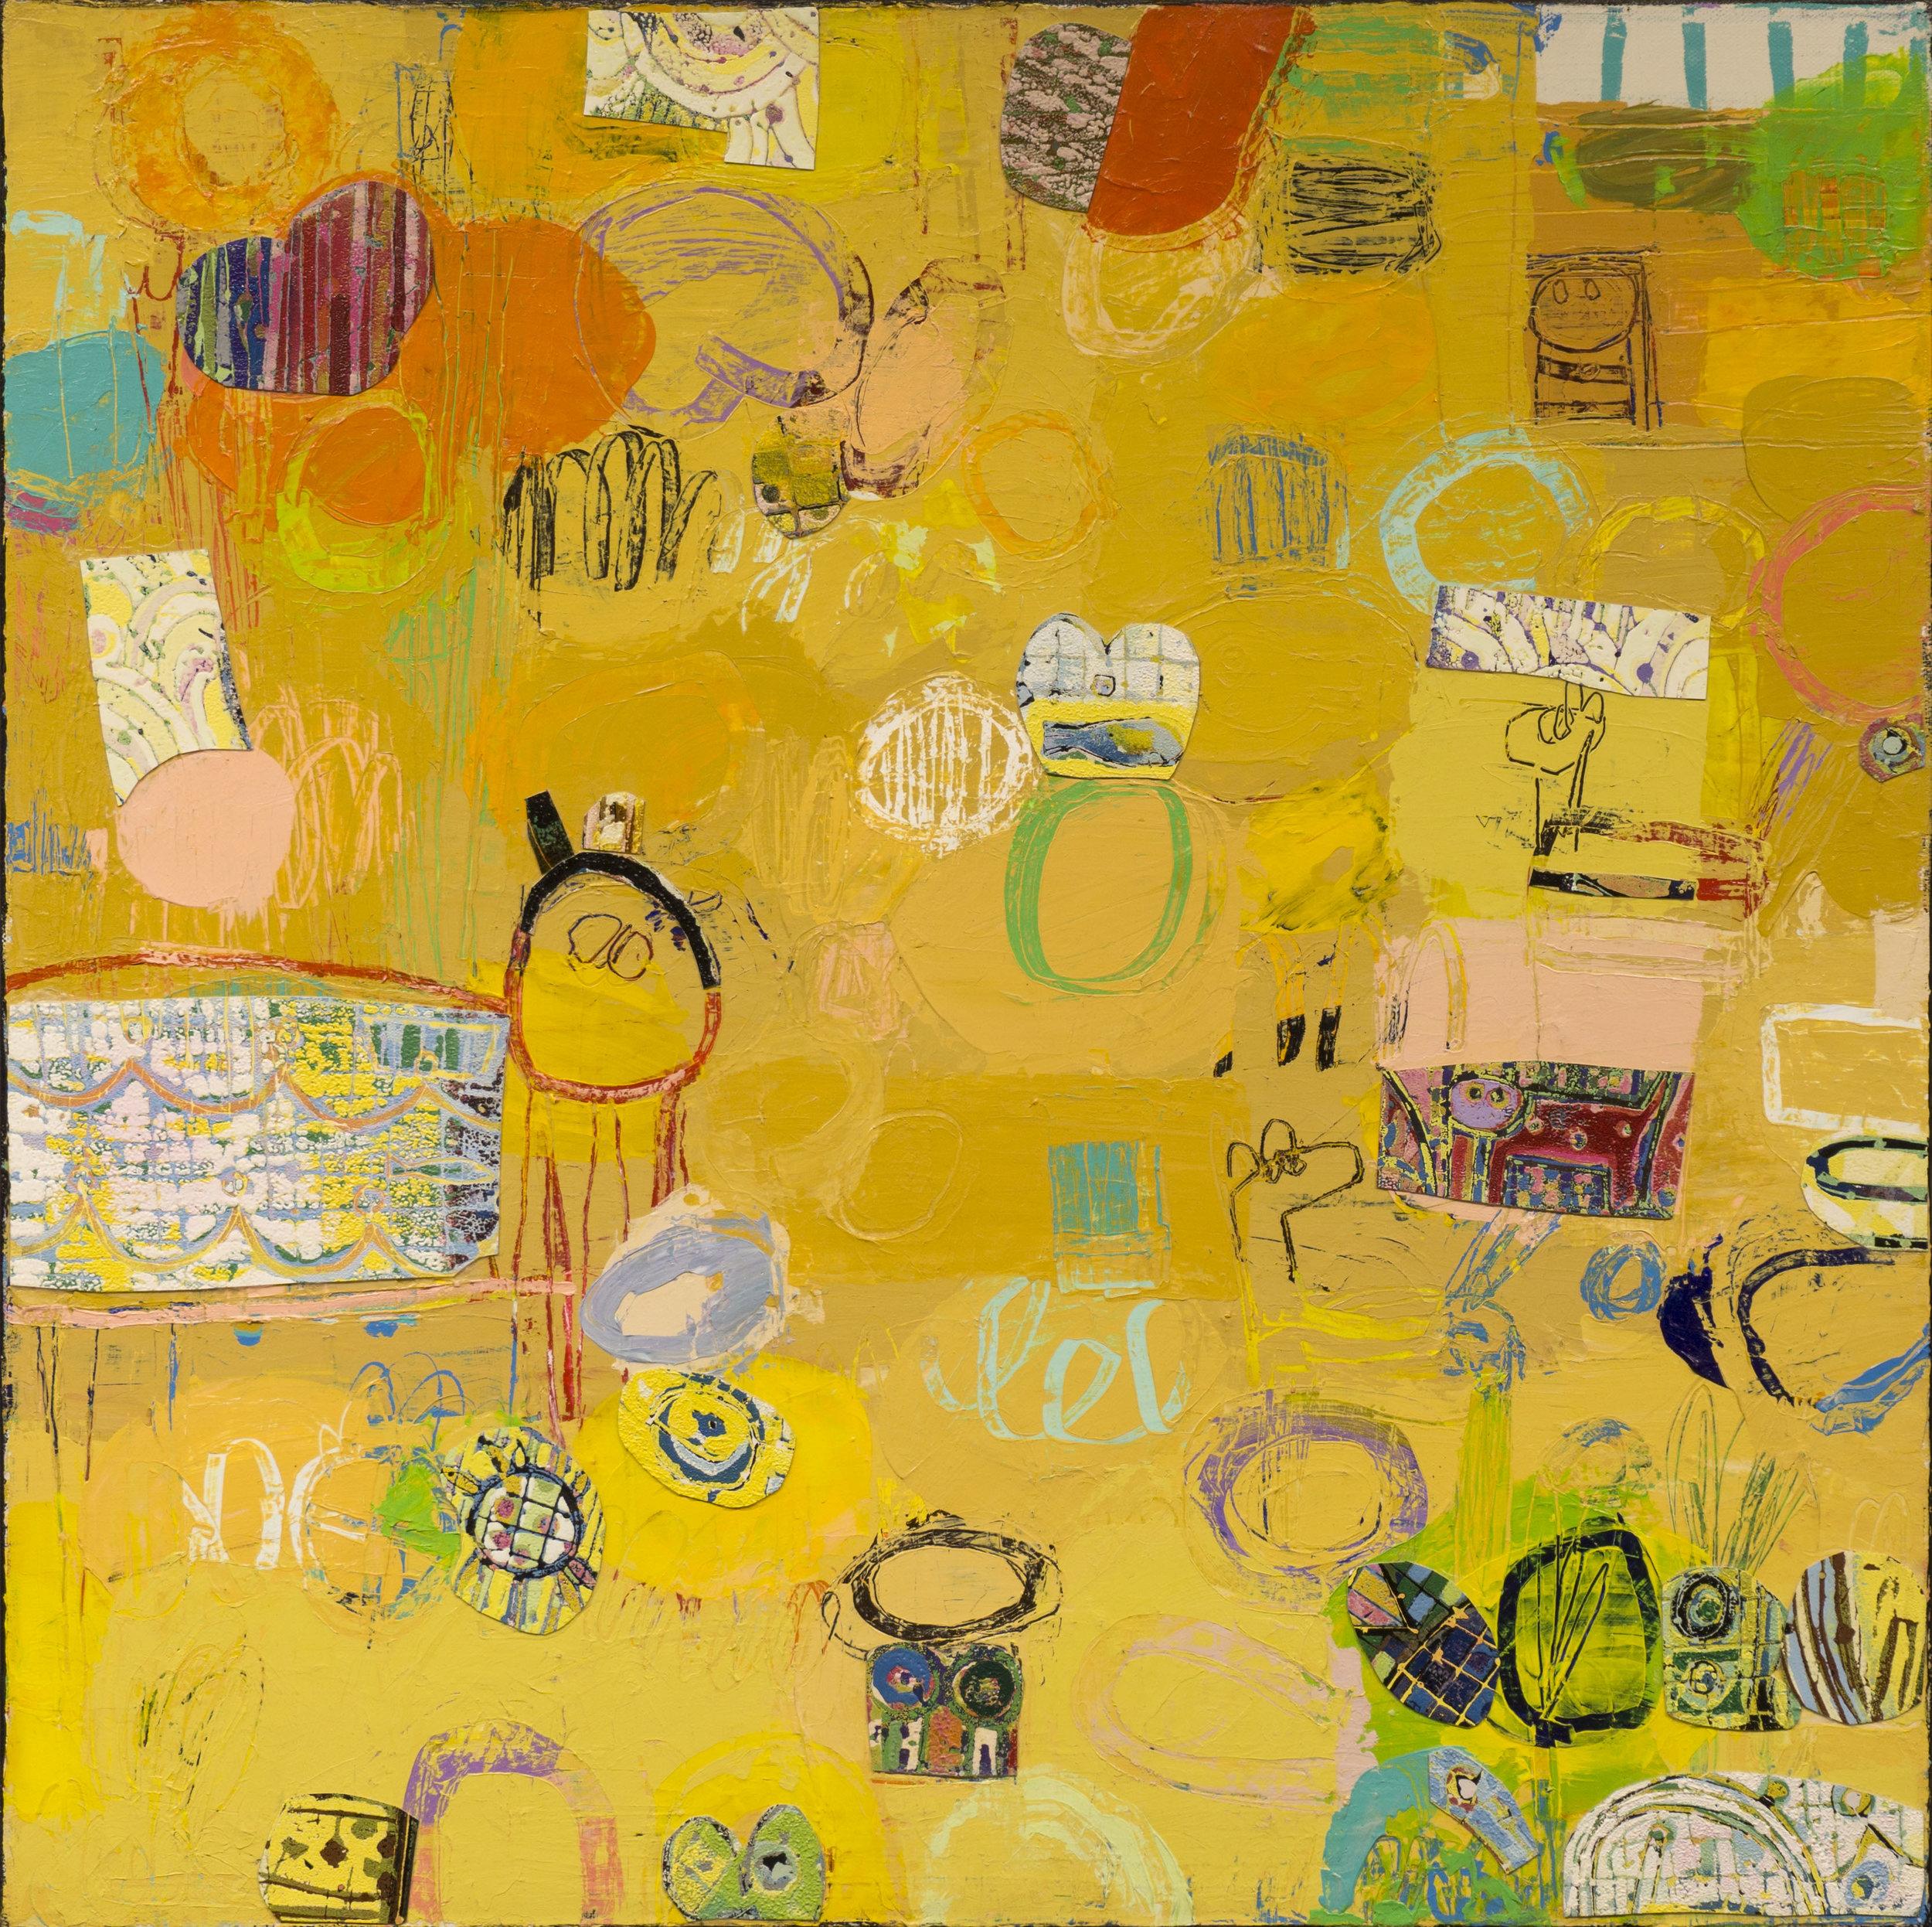 Lee_Yellow Panel.jpg